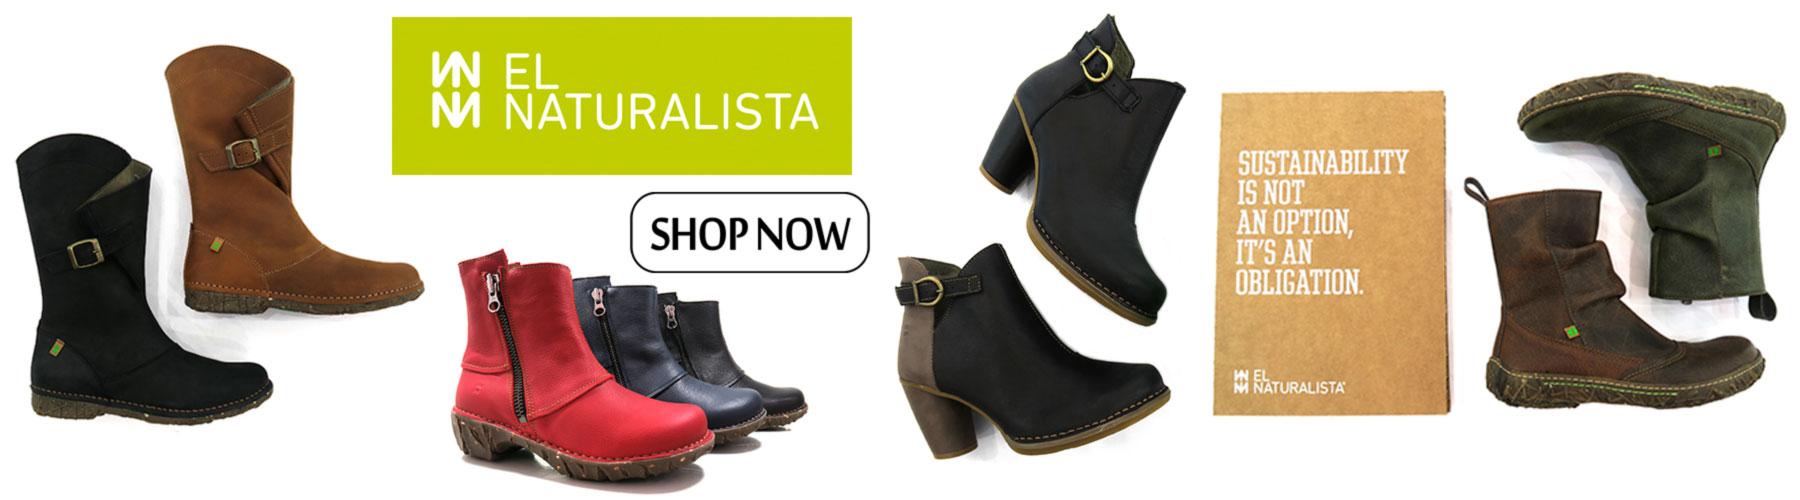 shop now el naturalista shoes online